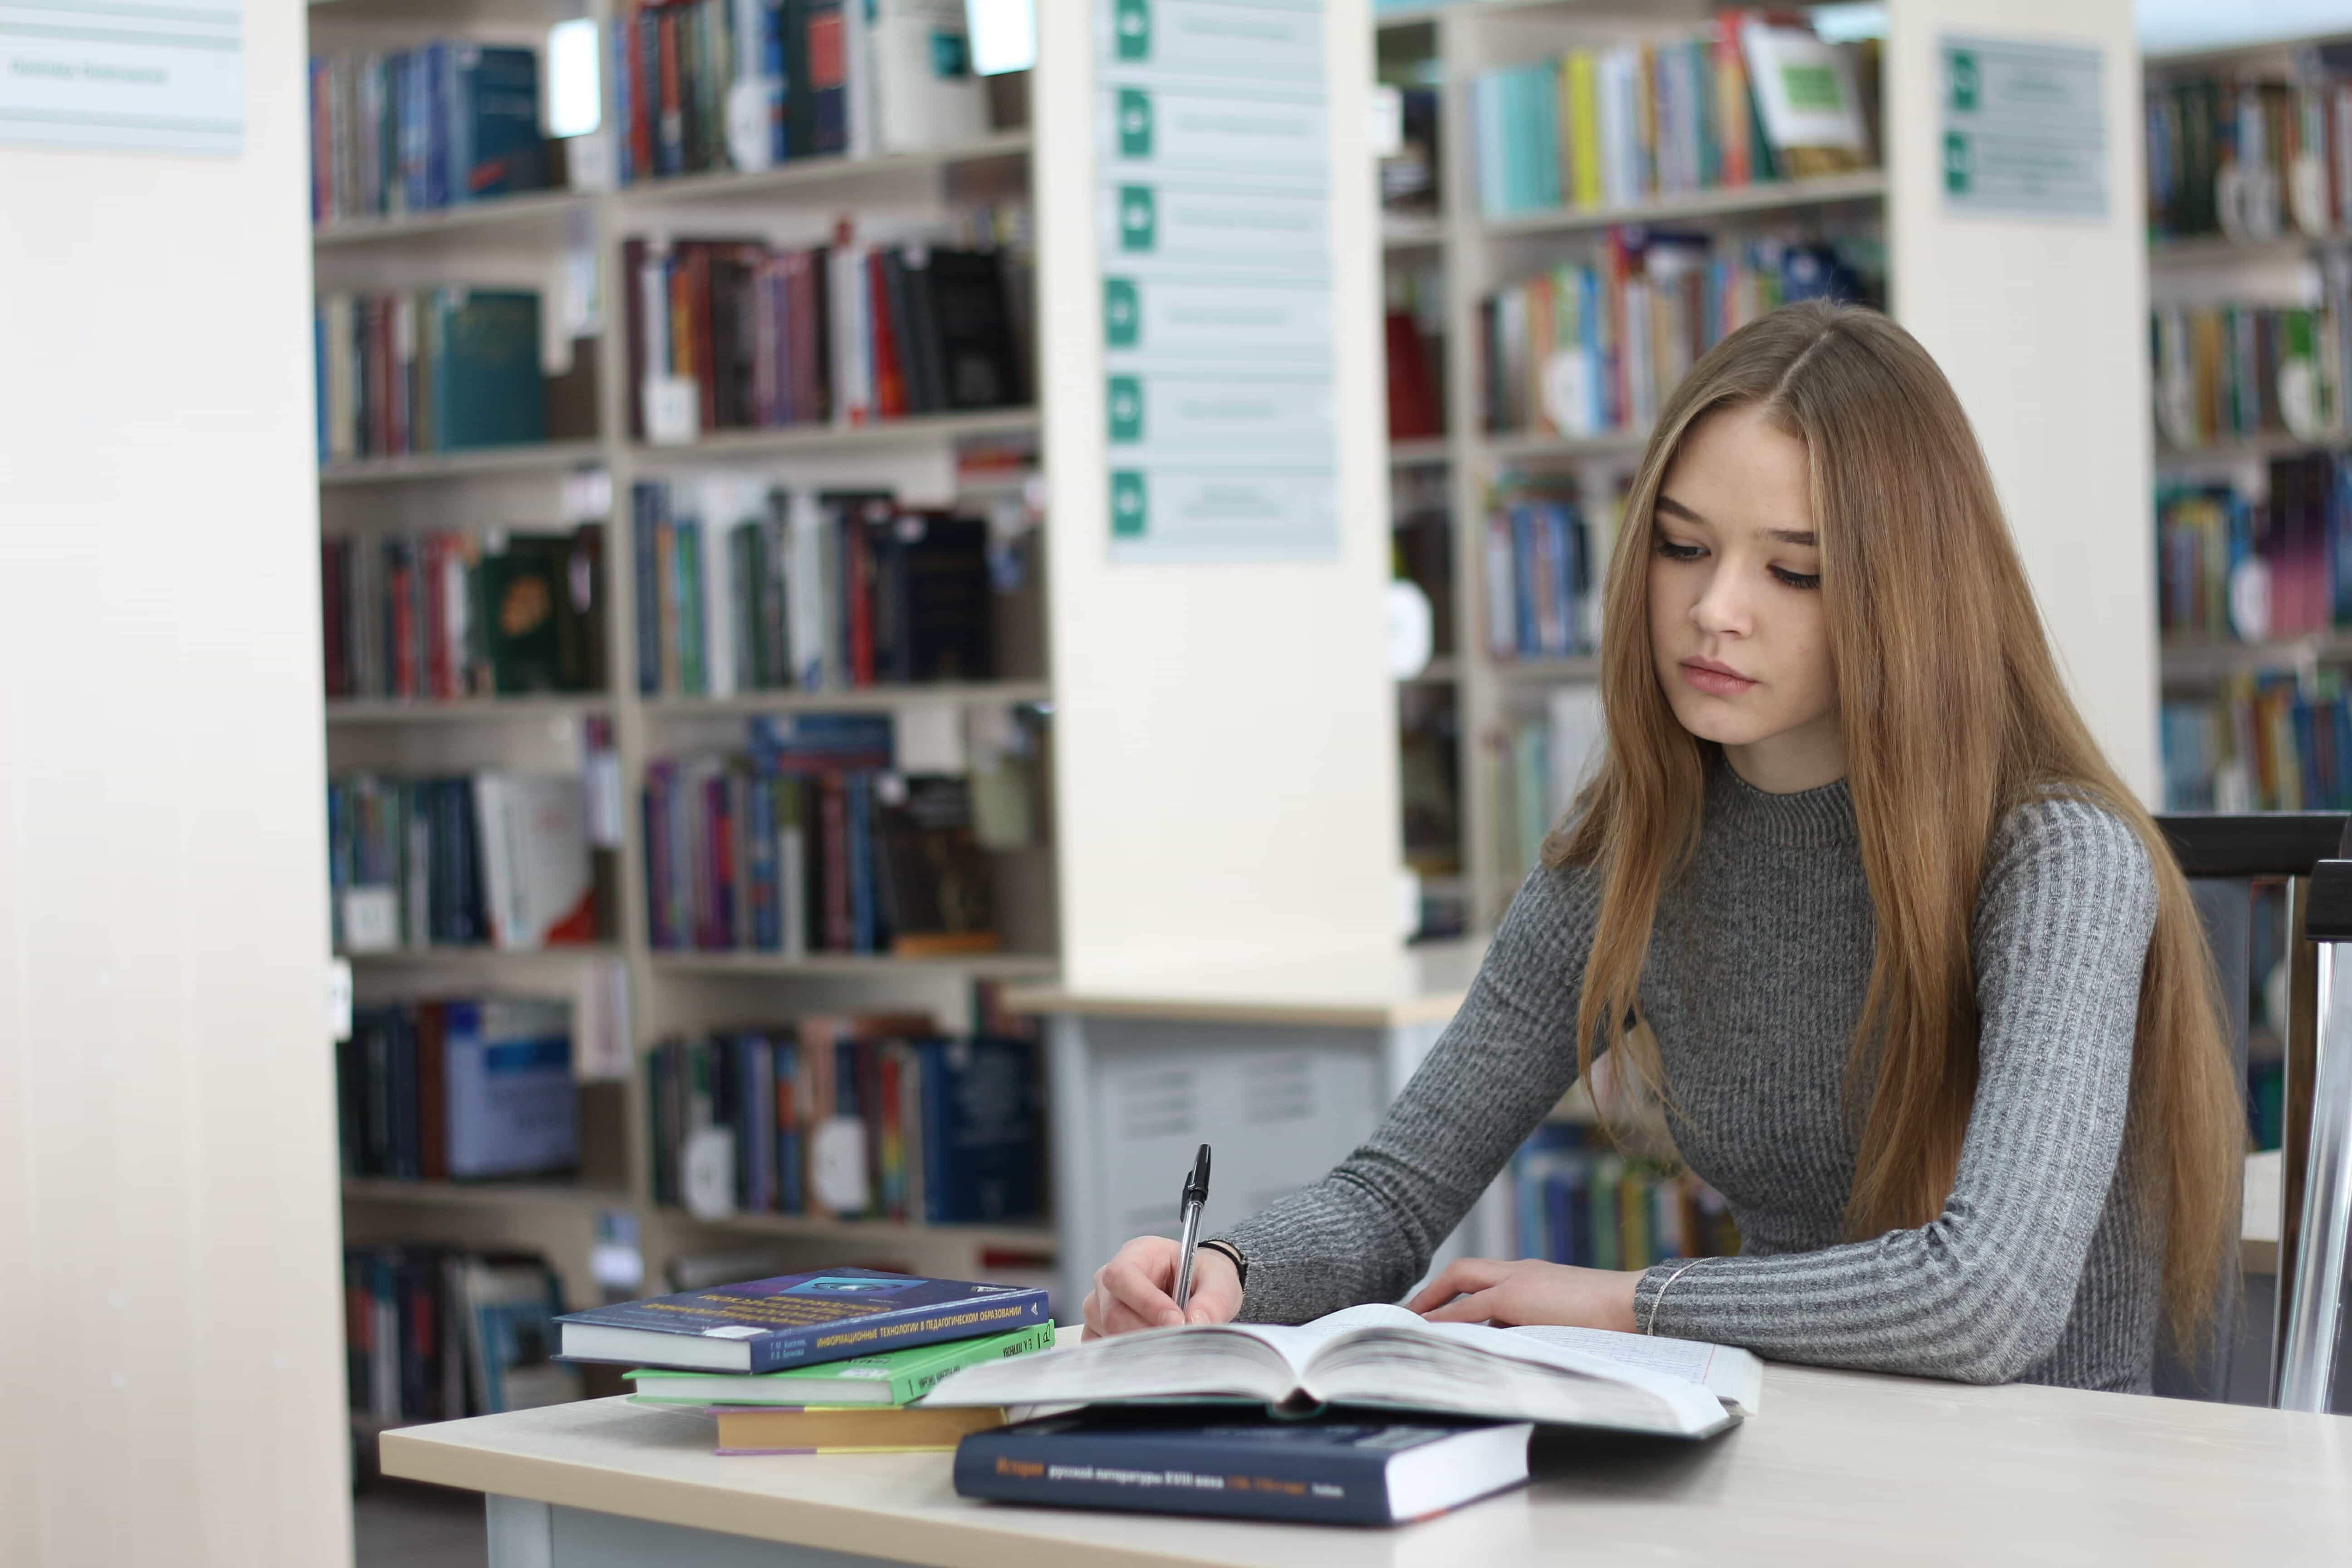 Диплом о профессиональной переподготовке Филология купить